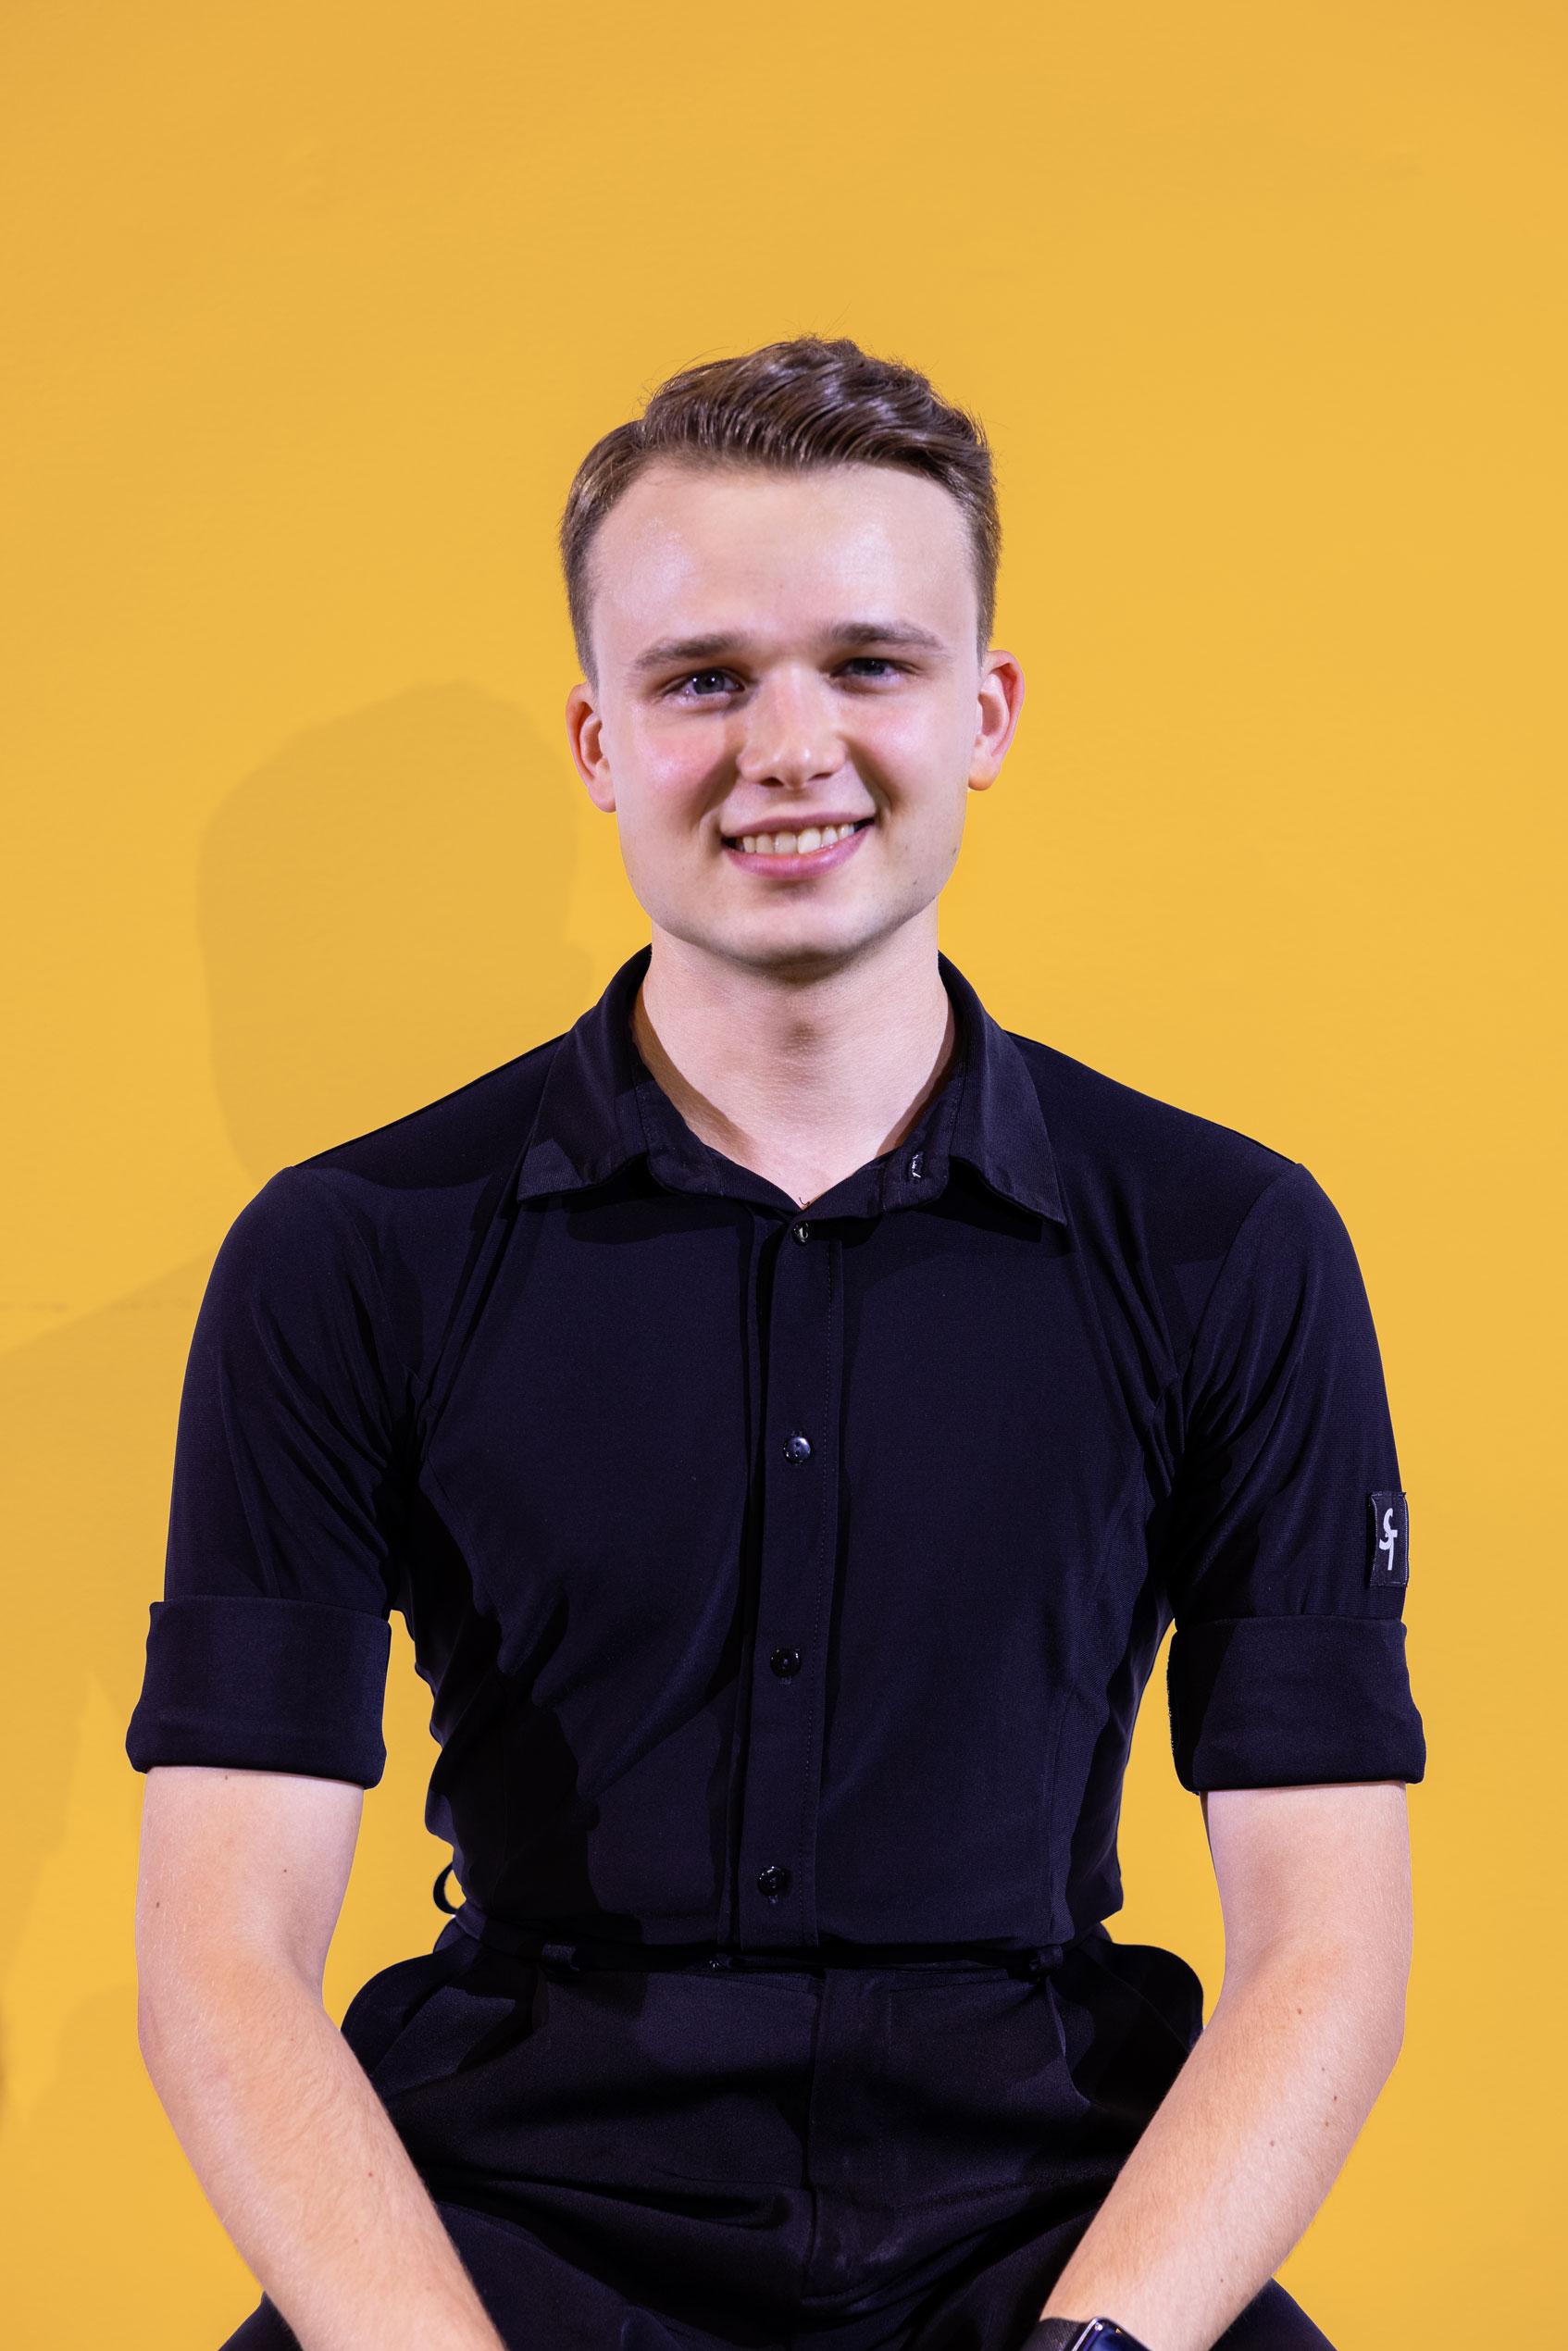 dance instructor profile picture Sergey Borushko